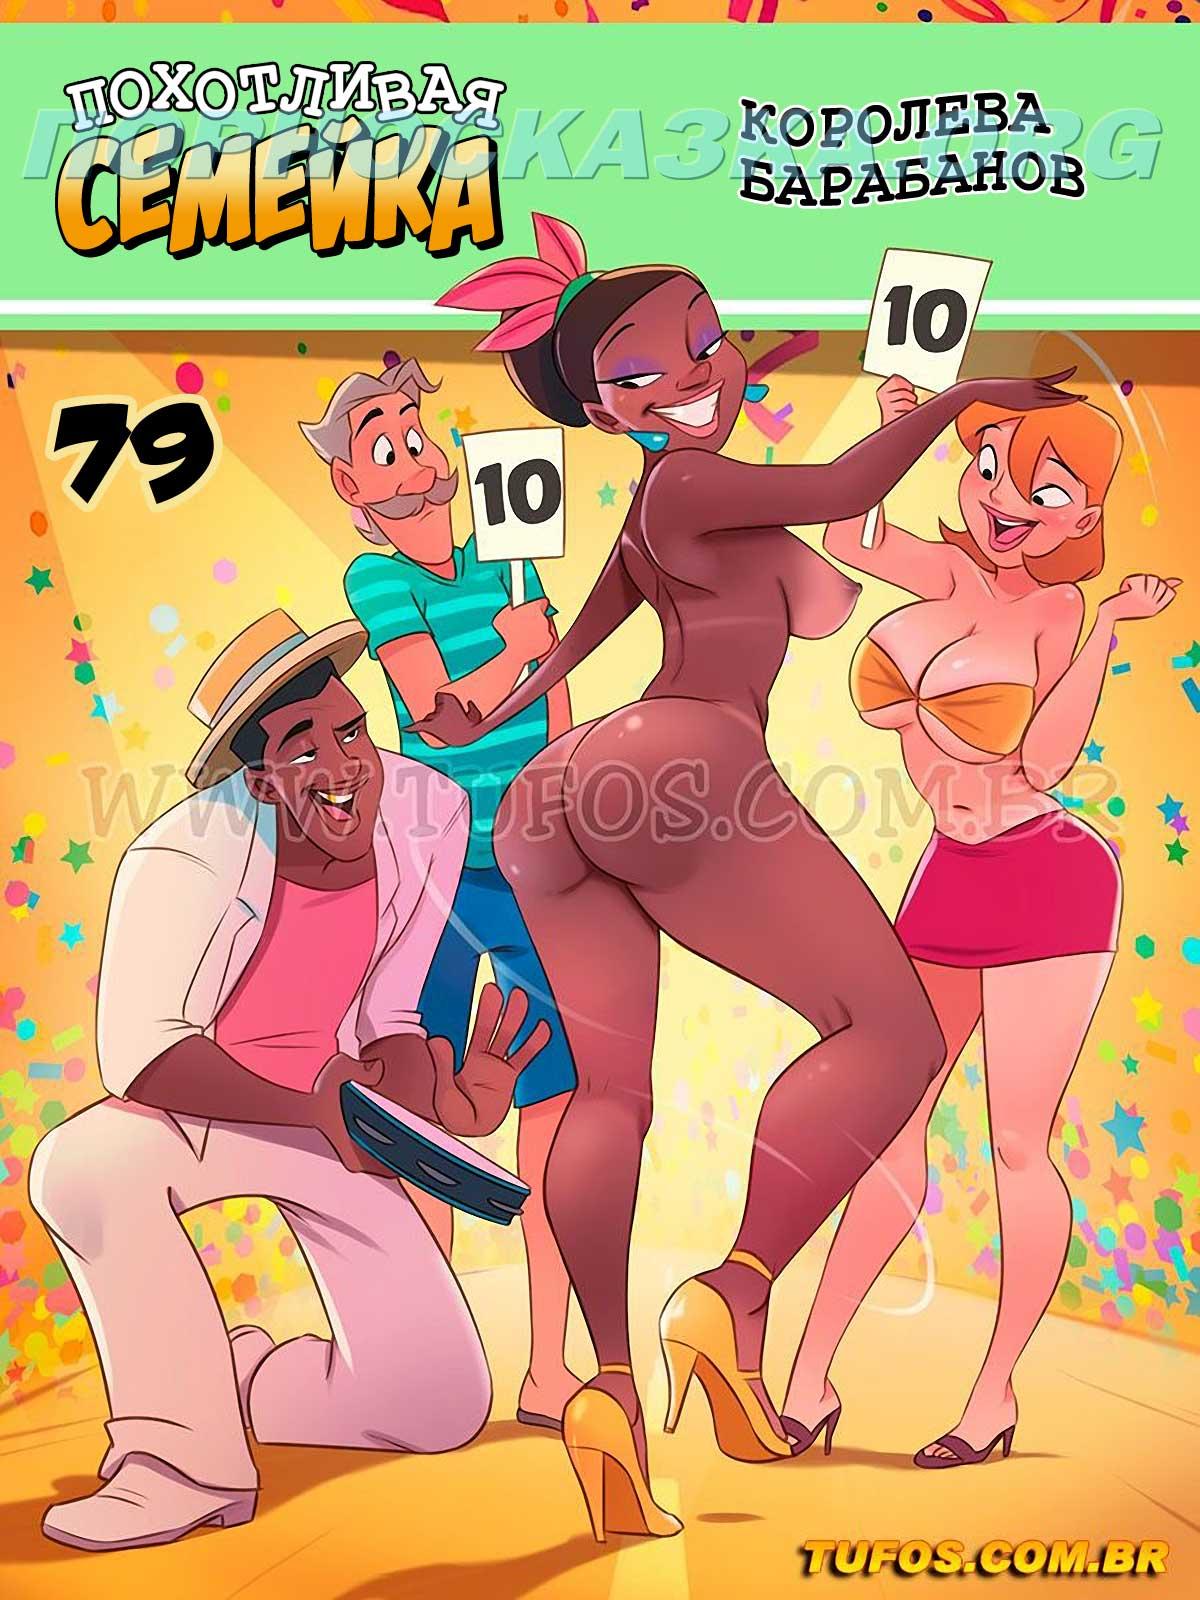 порно комикс похотливая семейка 79